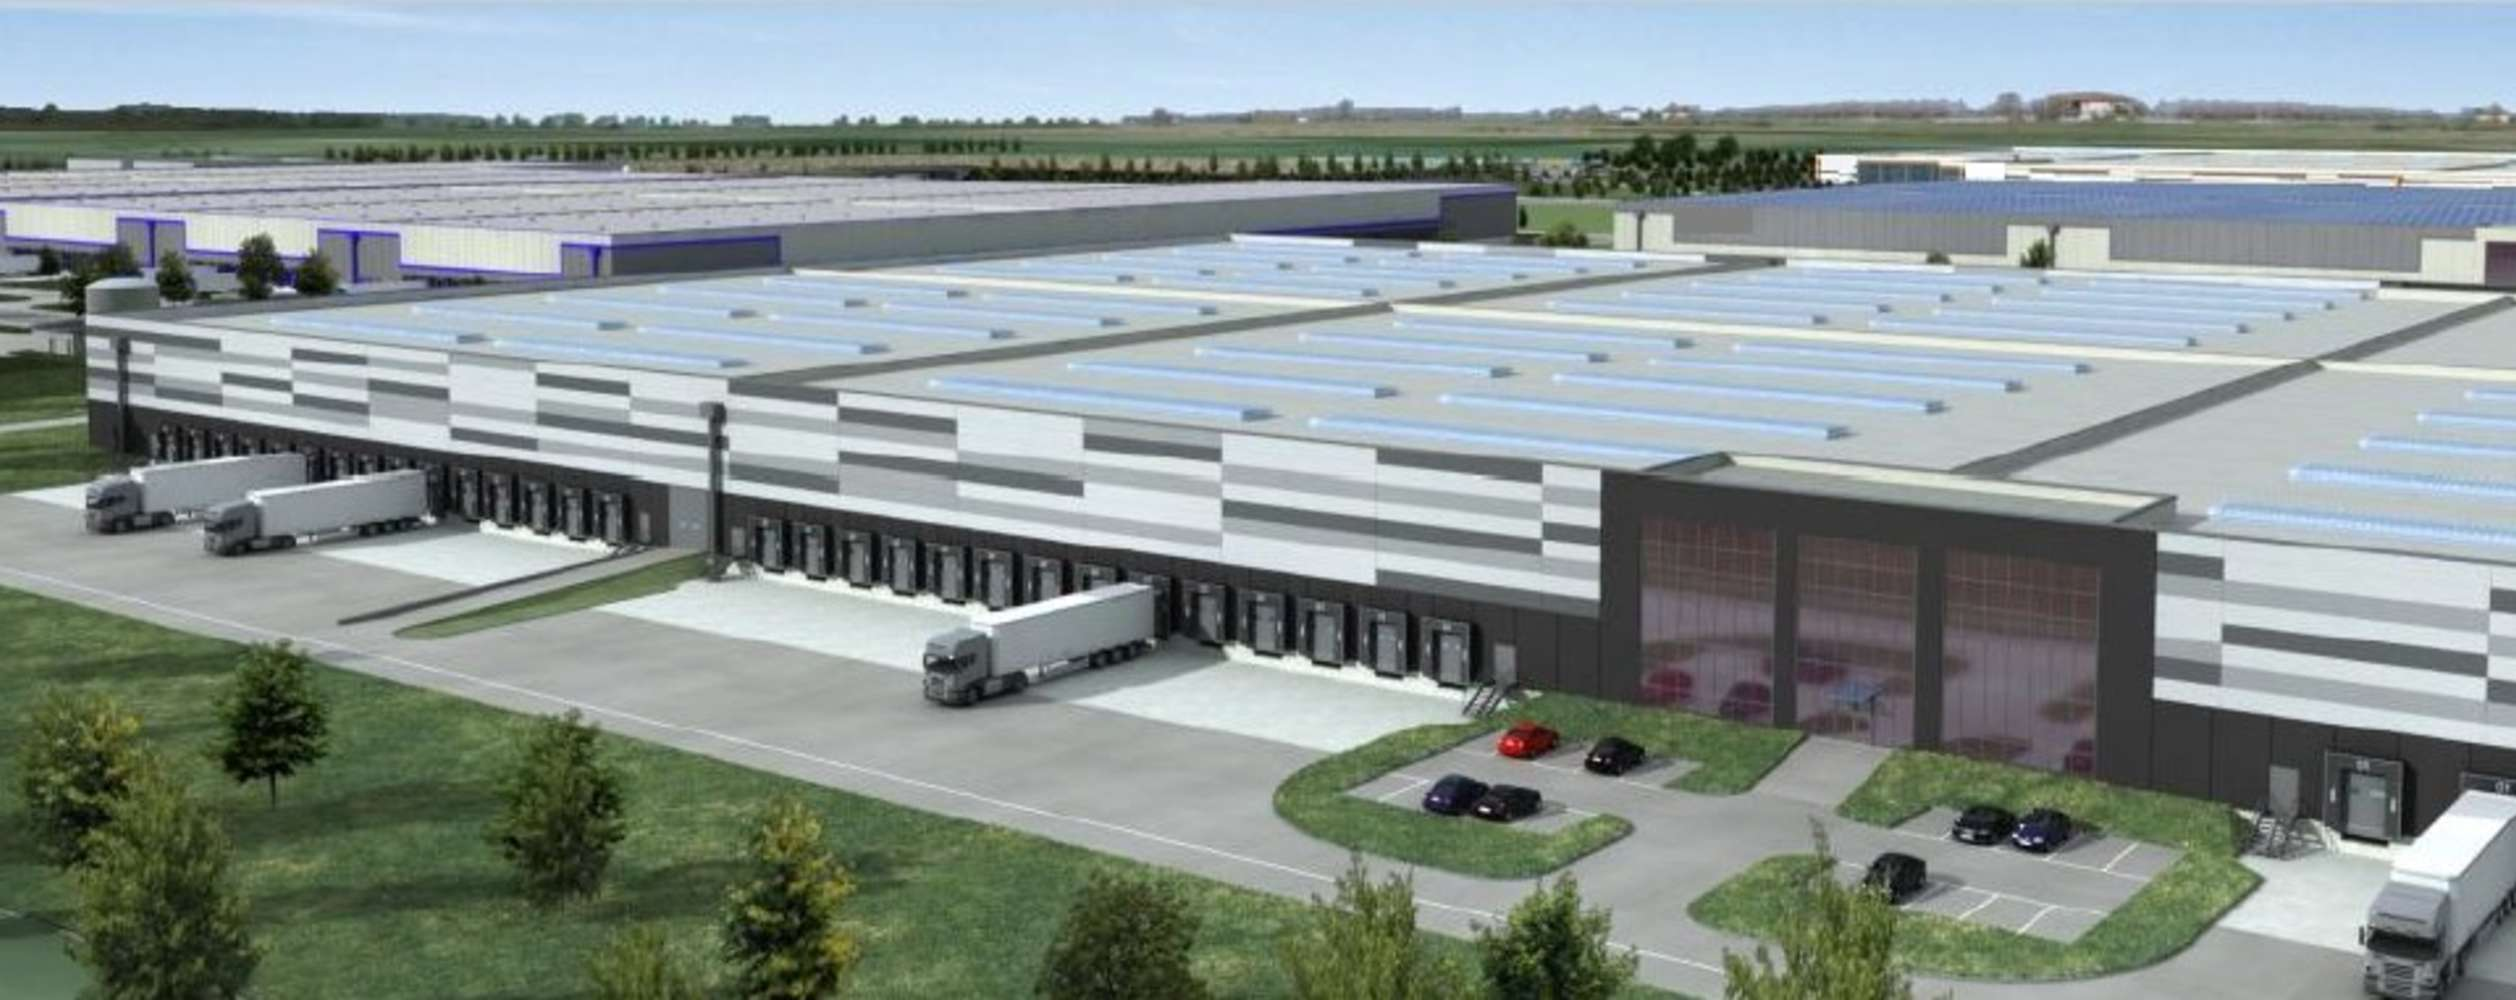 Magazzini industriali e logistici Torino, 10032 - VAILOG East Turin Logistics Park - 8899791